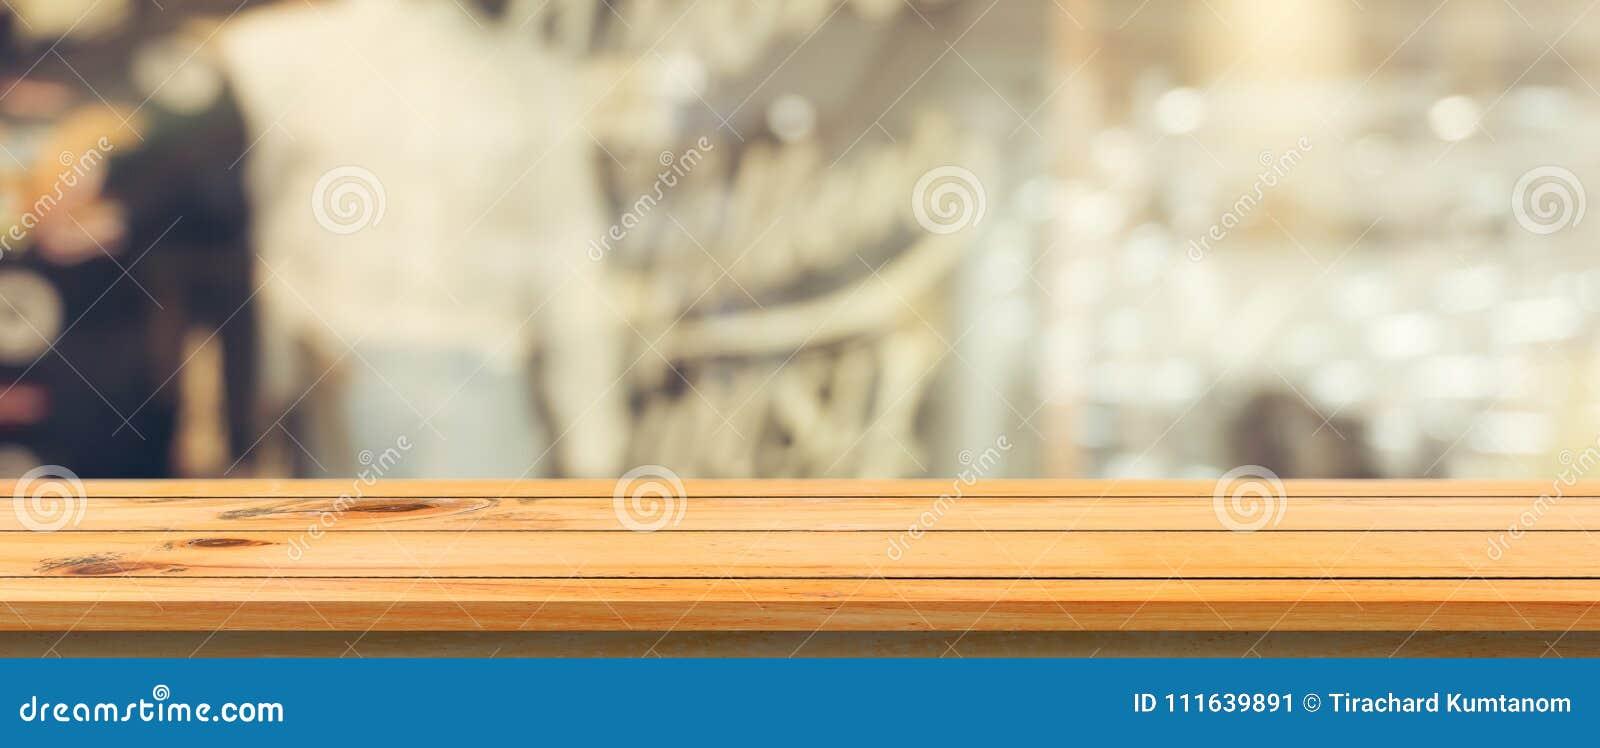 Drewnianej deski pusty stołowy odgórny zamazany tło Perspektywiczny brown drewno stół nad plamą w sklep z kawą tle